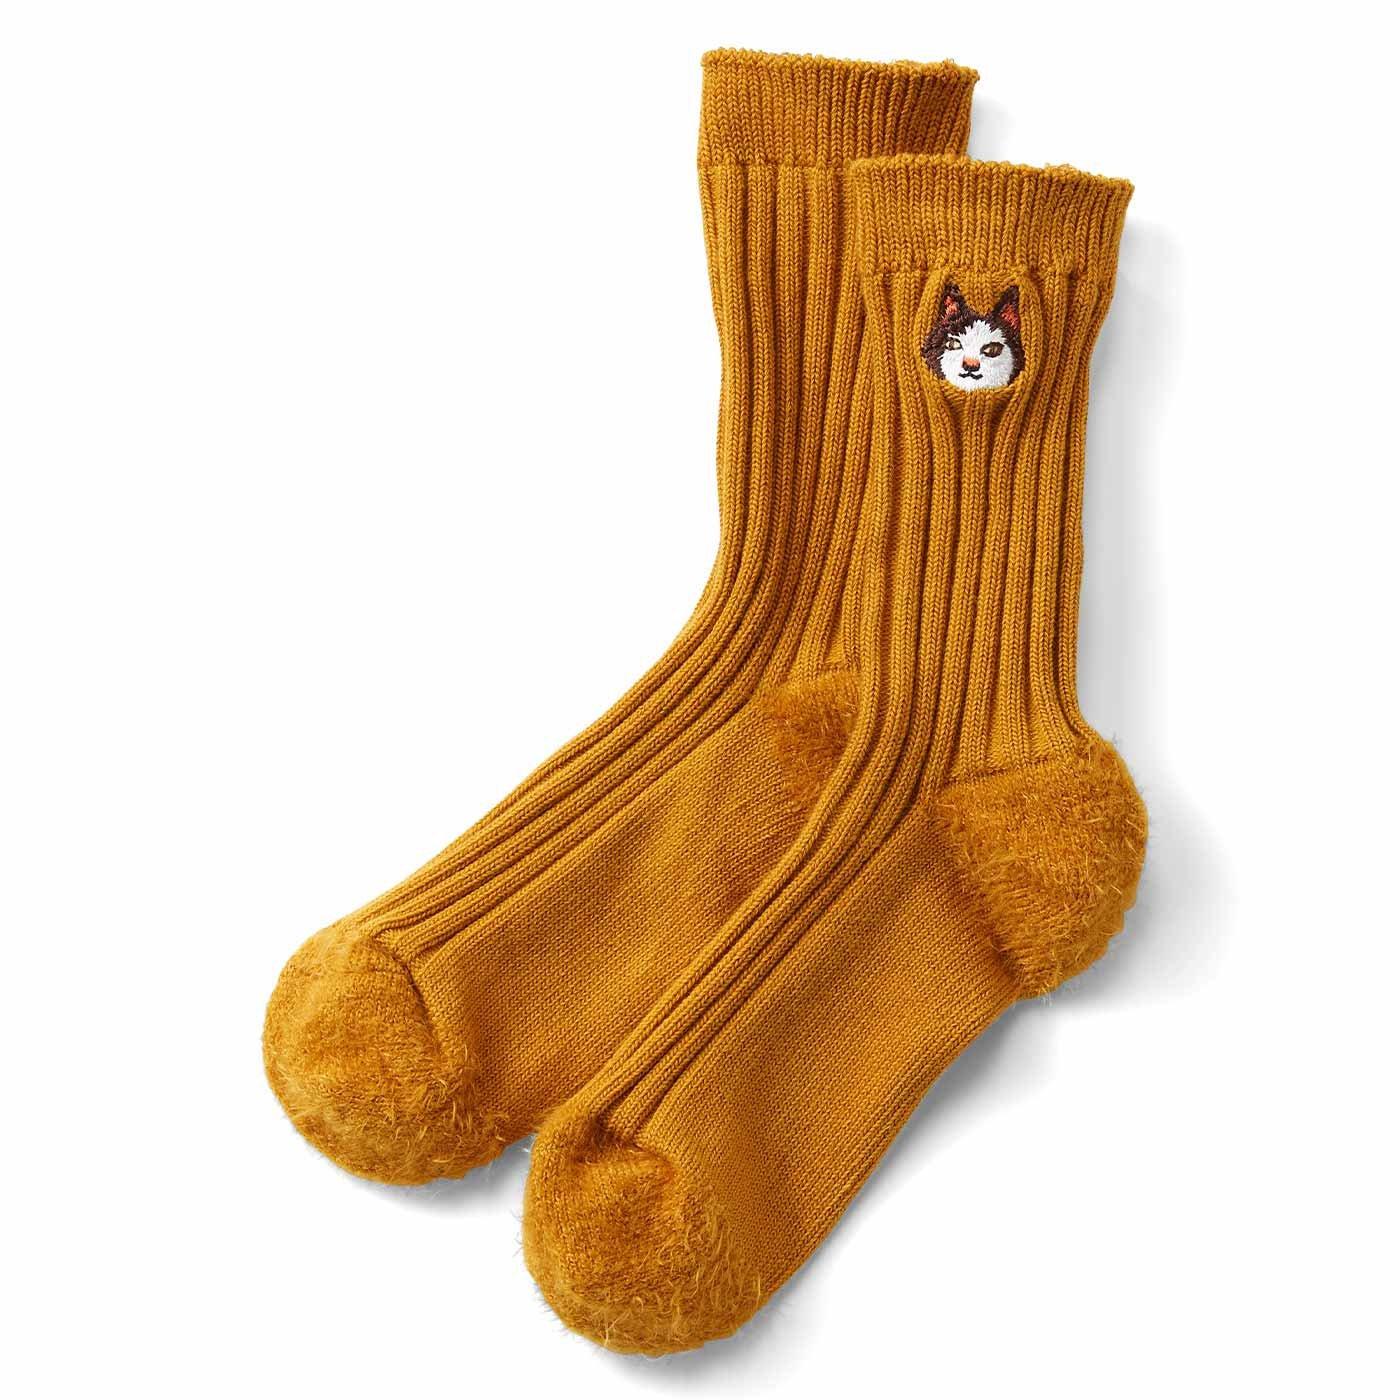 IEDIT[イディット] 宮田聡子さんコラボ ワンポイント猫刺しゅうの異素材切り替え靴下〈オレンジ〉